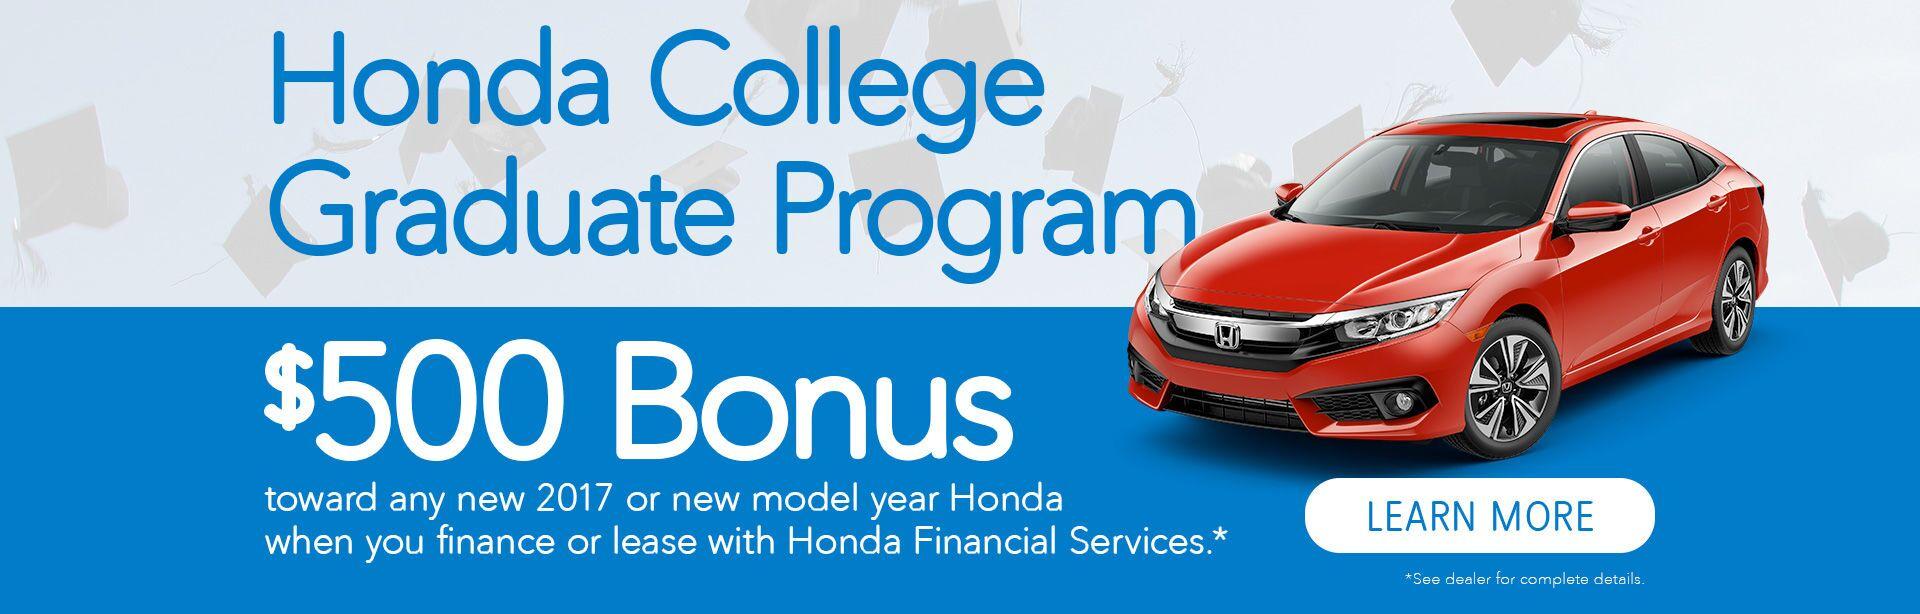 Honda Dealership Bay Shore NY